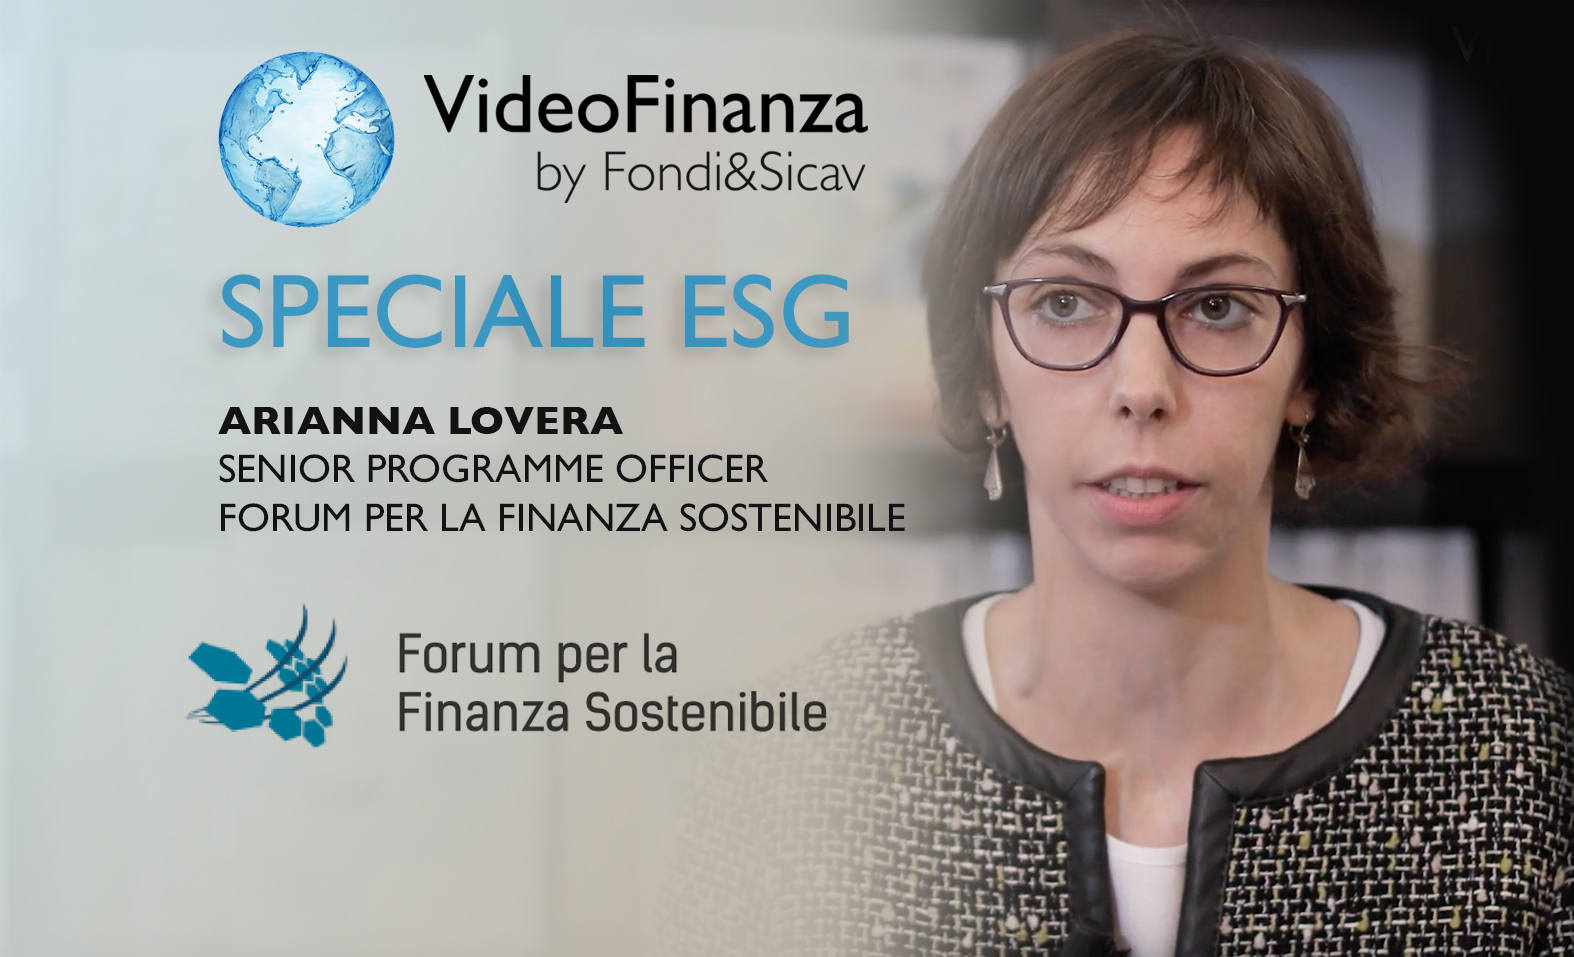 Forum per la Finanza Sostenibile, le iniziative sul territorio